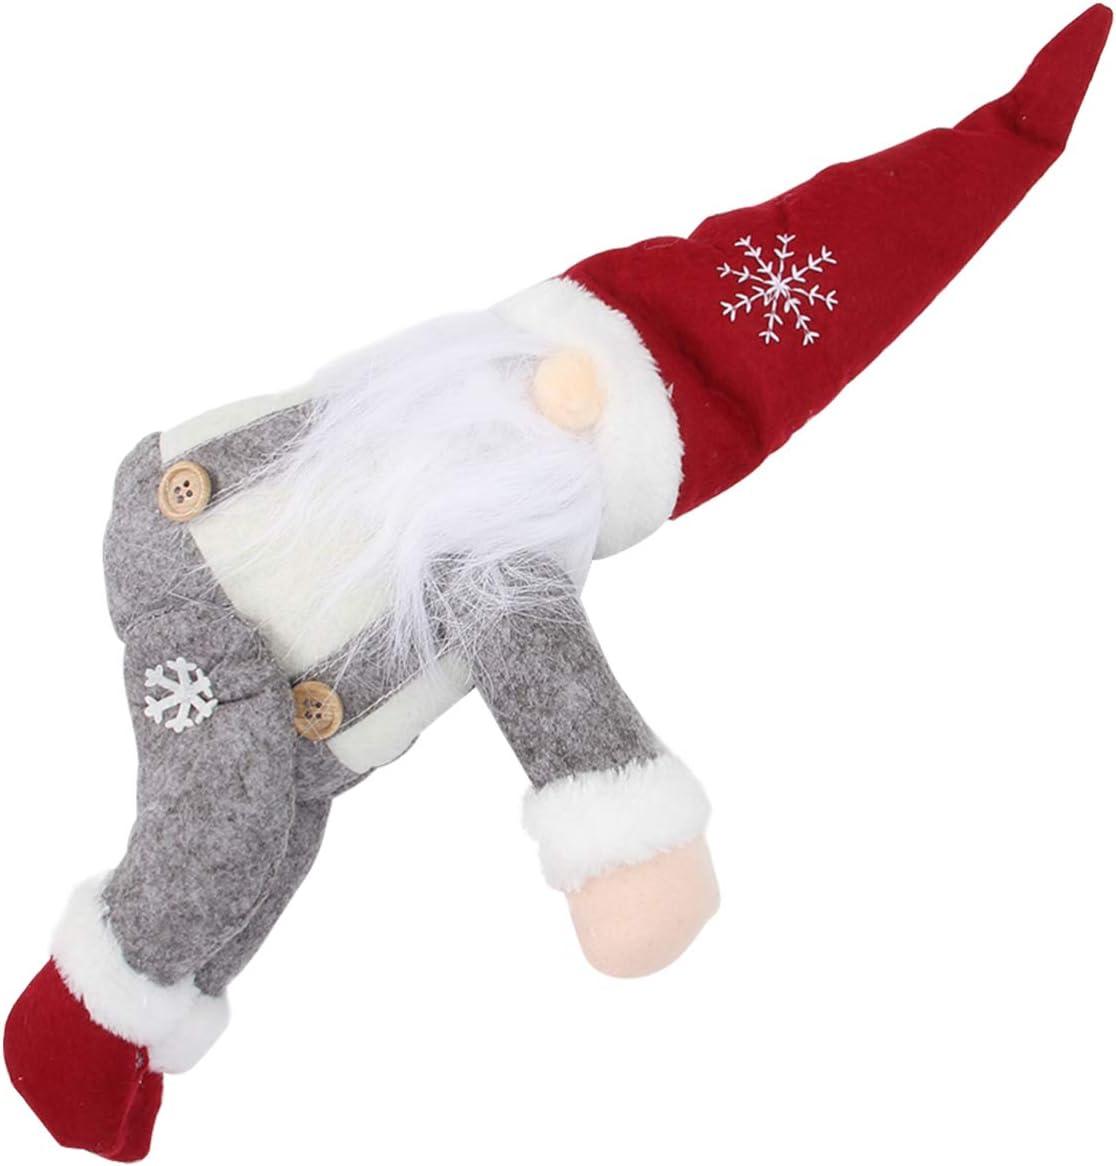 ABOOFAN Abrazadera de cortina de Navidad con hebilla de gnomo, muñeca sueca, escandinava, gancho de sujeción para cortinas, adornos para Navidad, ventana, botella de vino, decoración del hogar